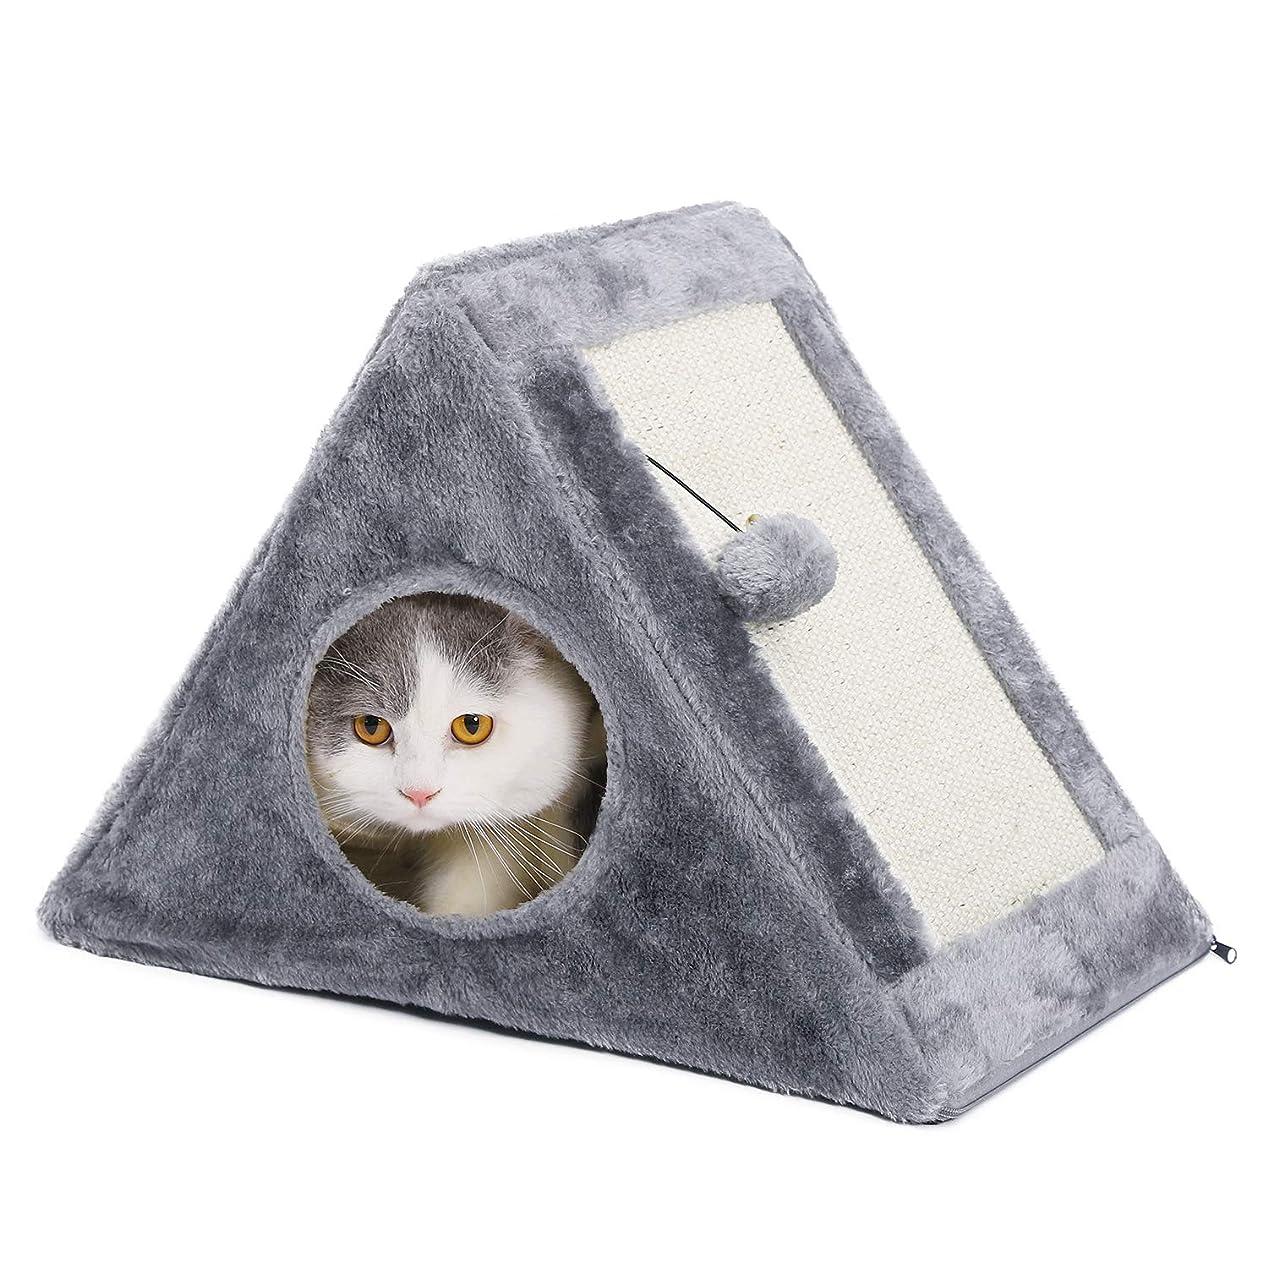 対応する抑止する北東PAWZ Road 猫用爪とぎ 三角形の小型猫タワー ハウス型 折りたたみ式 スクラッチボード 室内飼い 省スペース ペット用ハウス おもちゃ 爪とぎ付き グレー